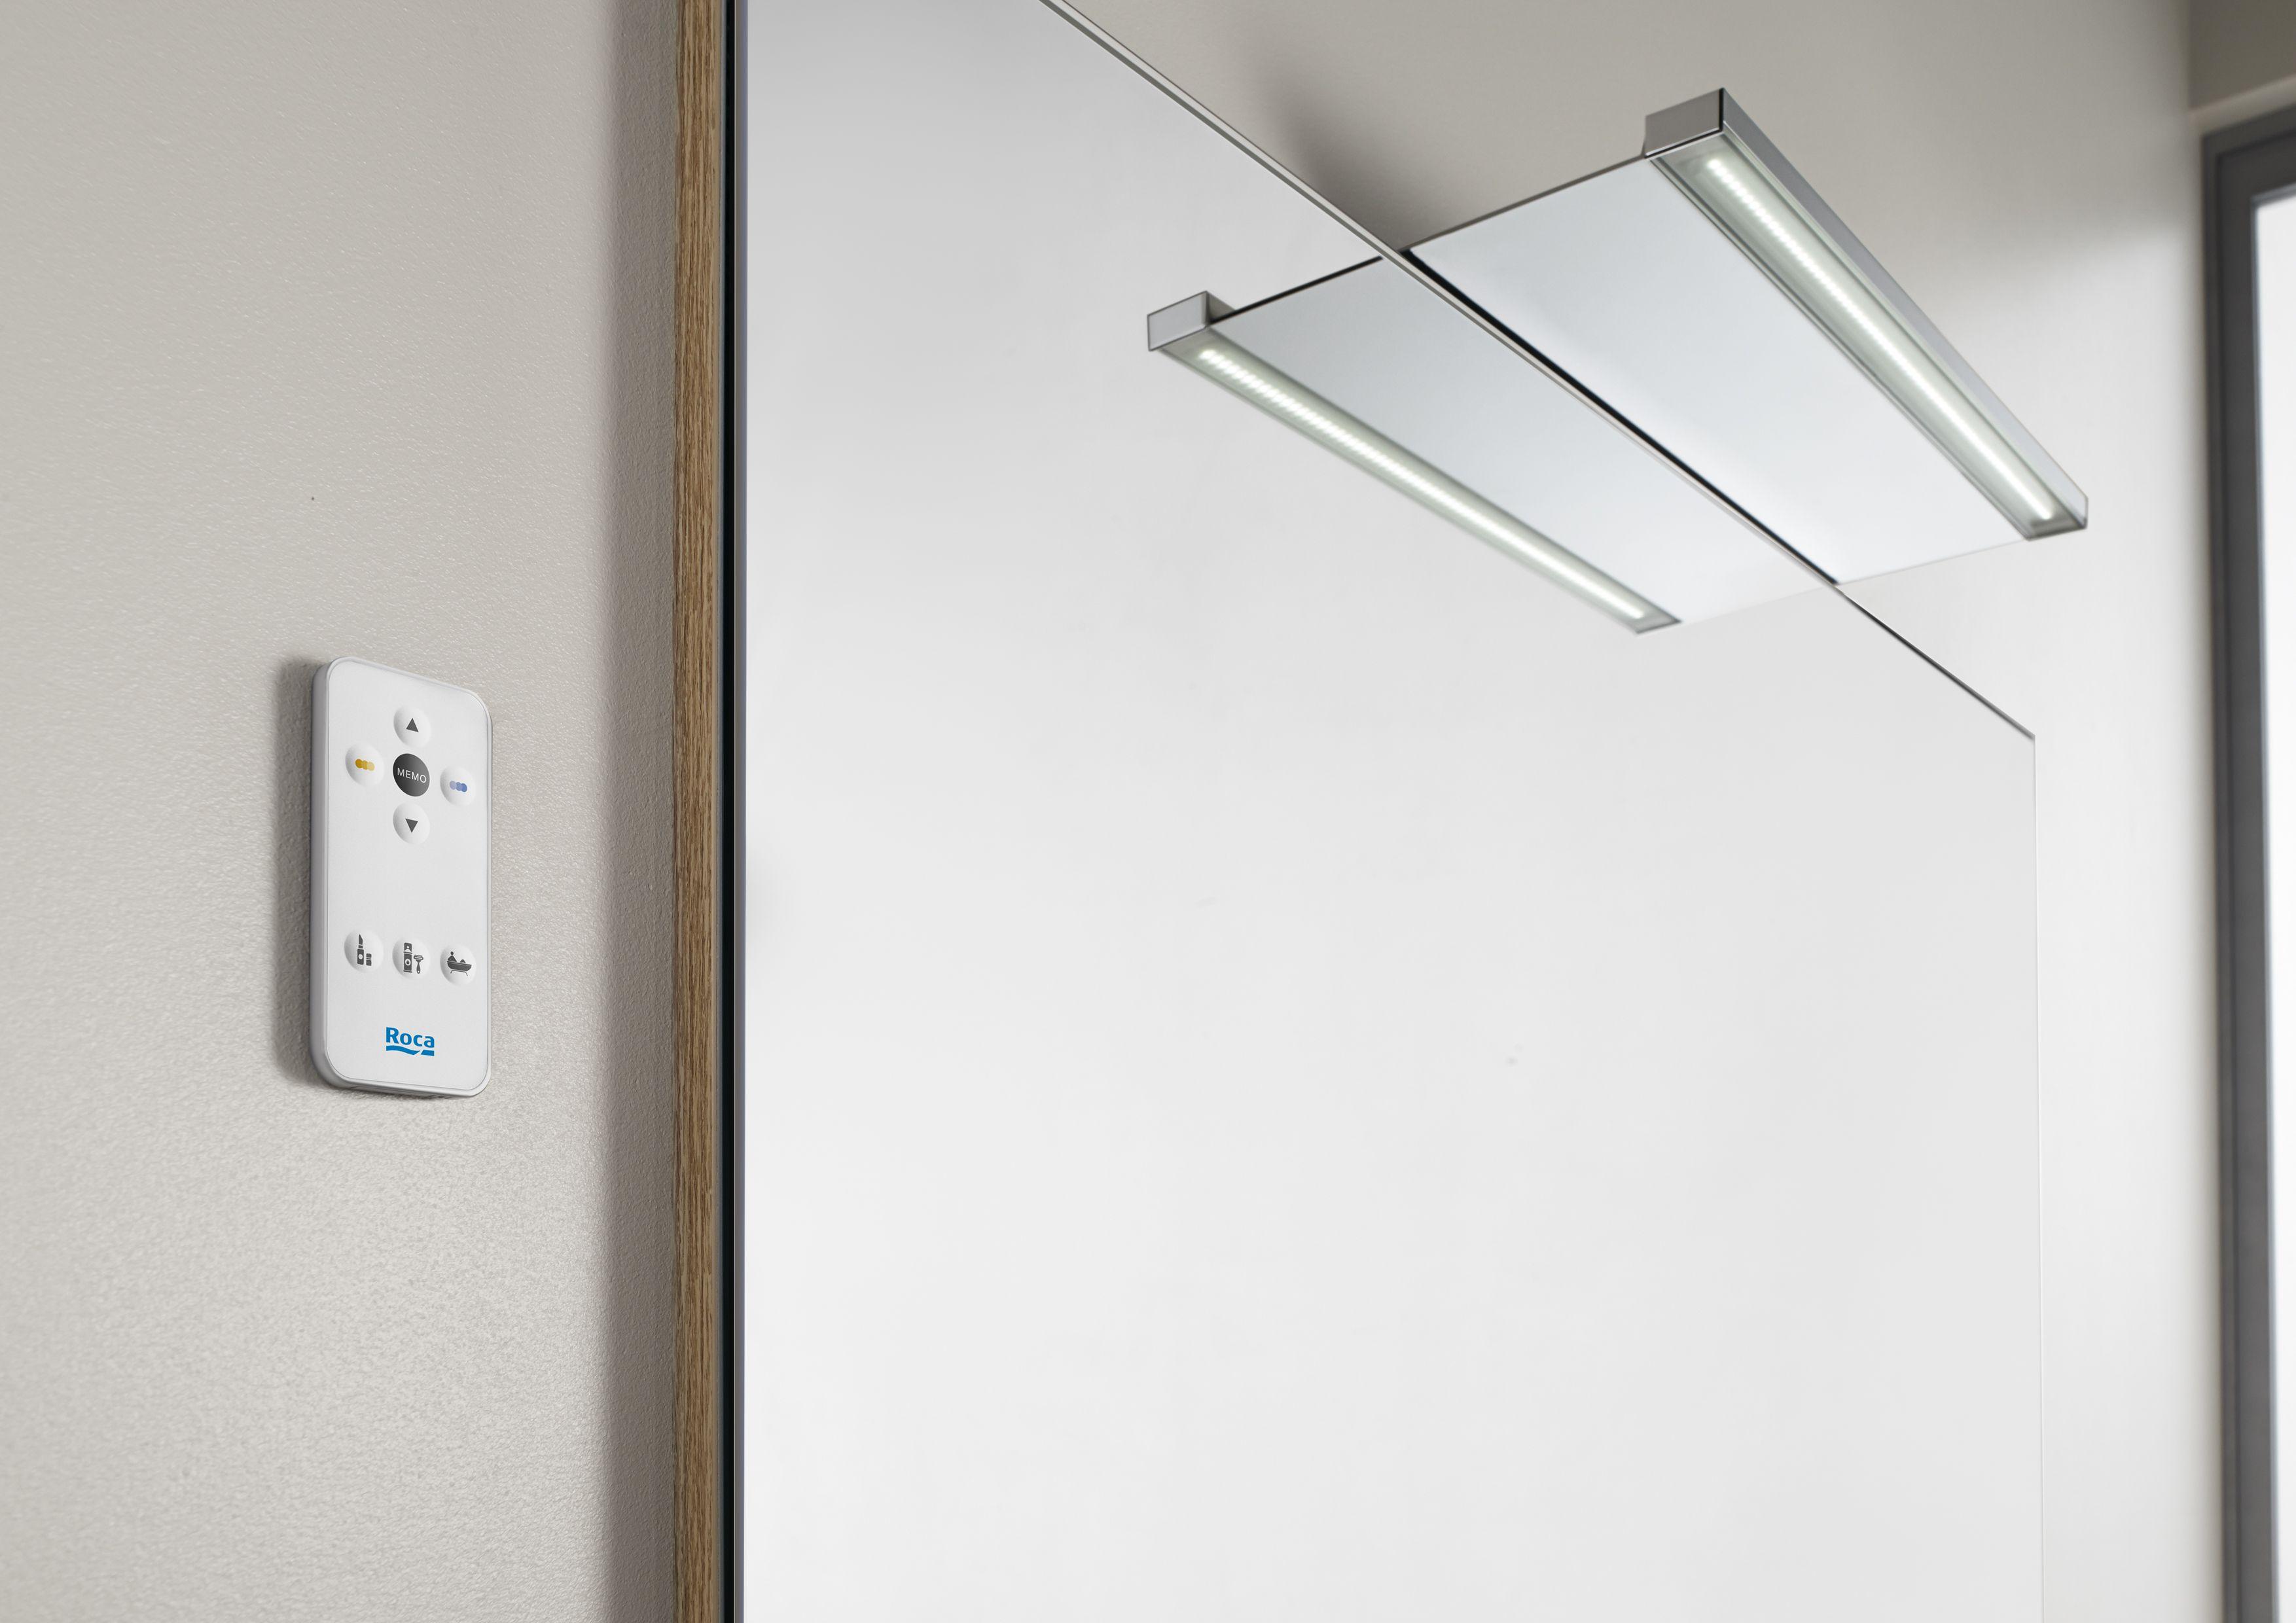 Applique smartlight lumière intelligente pour la salle de bain par